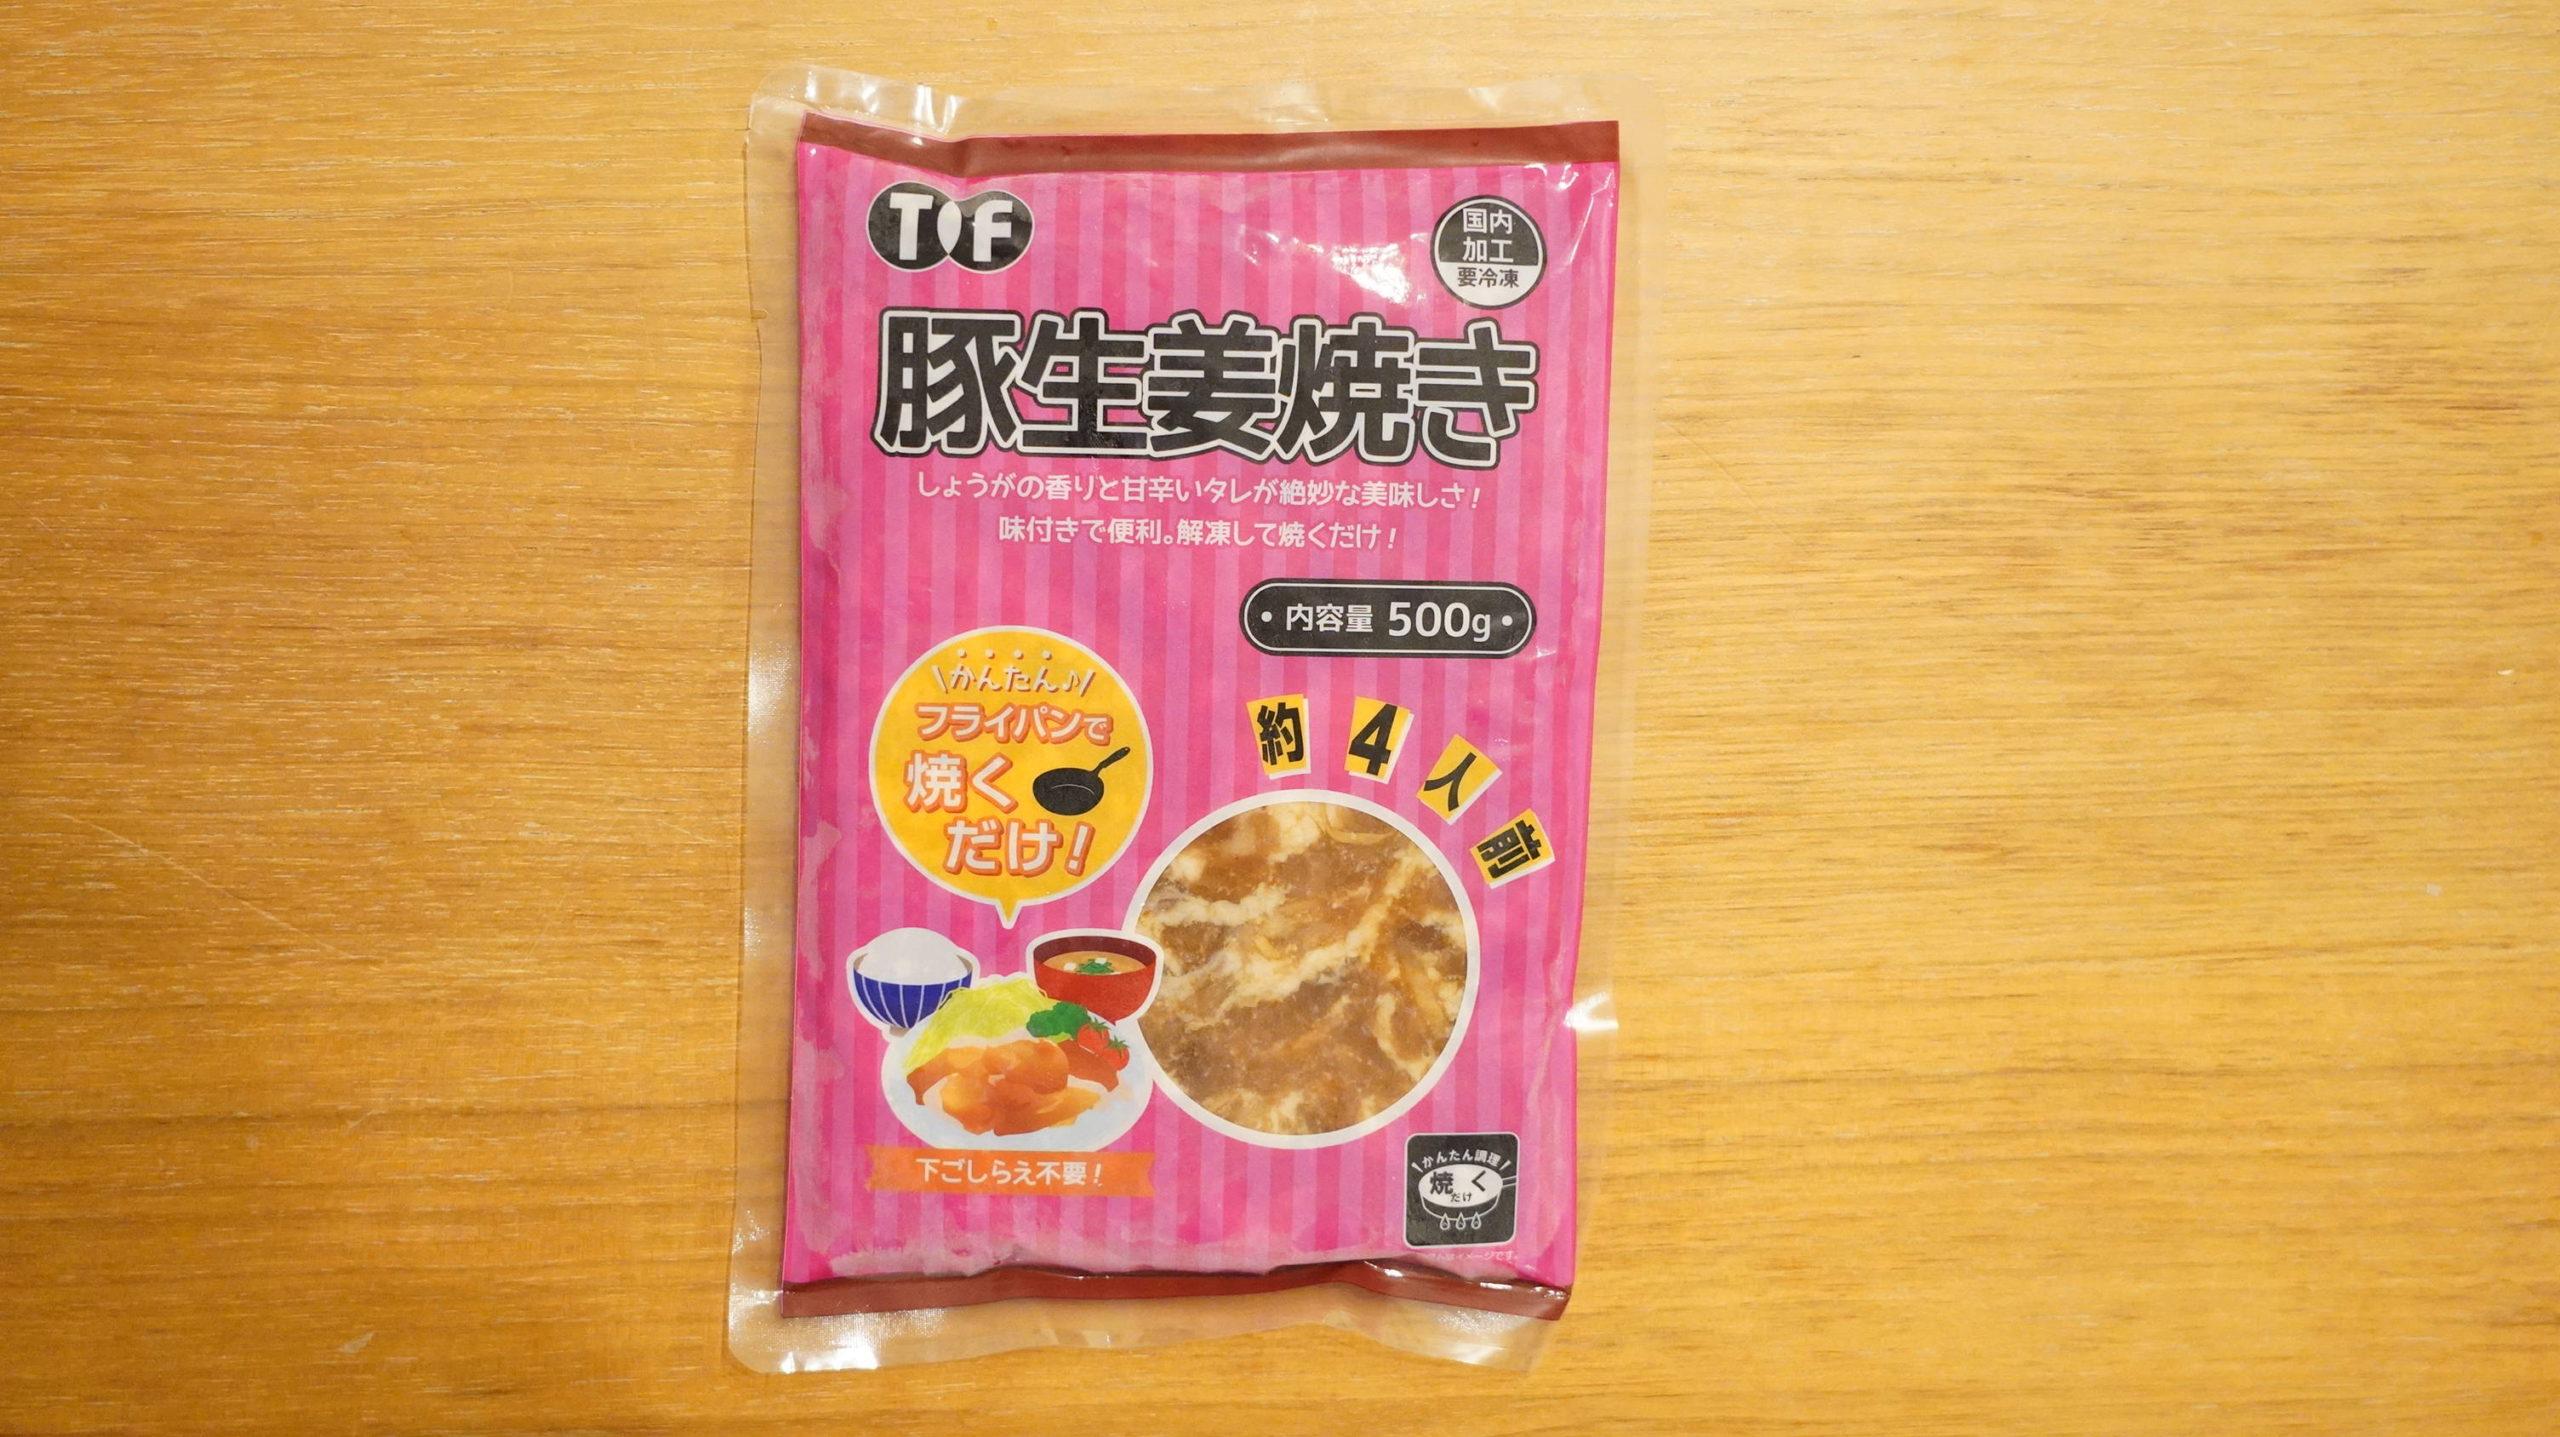 業務スーパーの冷凍食品「豚生姜焼き」のパッケージ写真